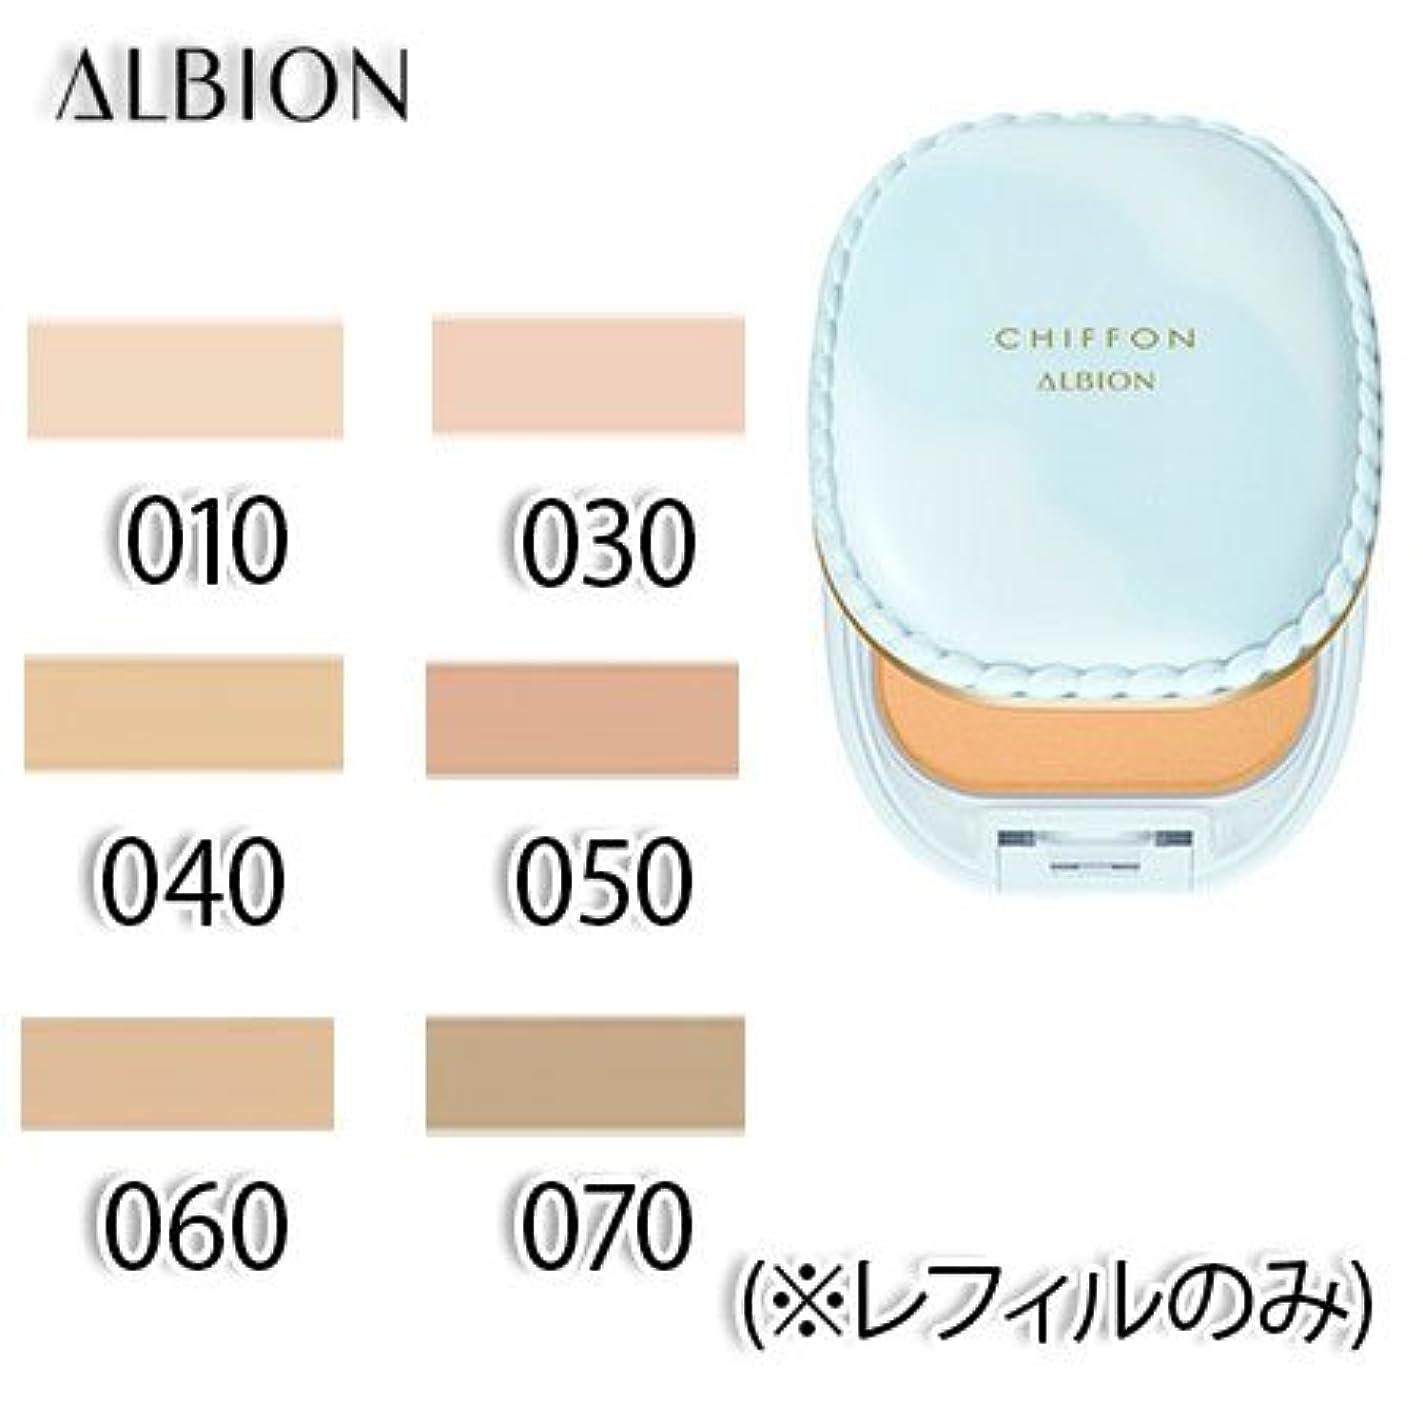 アサート傀儡椅子アルビオン スノー ホワイト シフォン 全6色 SPF25?PA++ 10g (レフィルのみ) -ALBION- 030